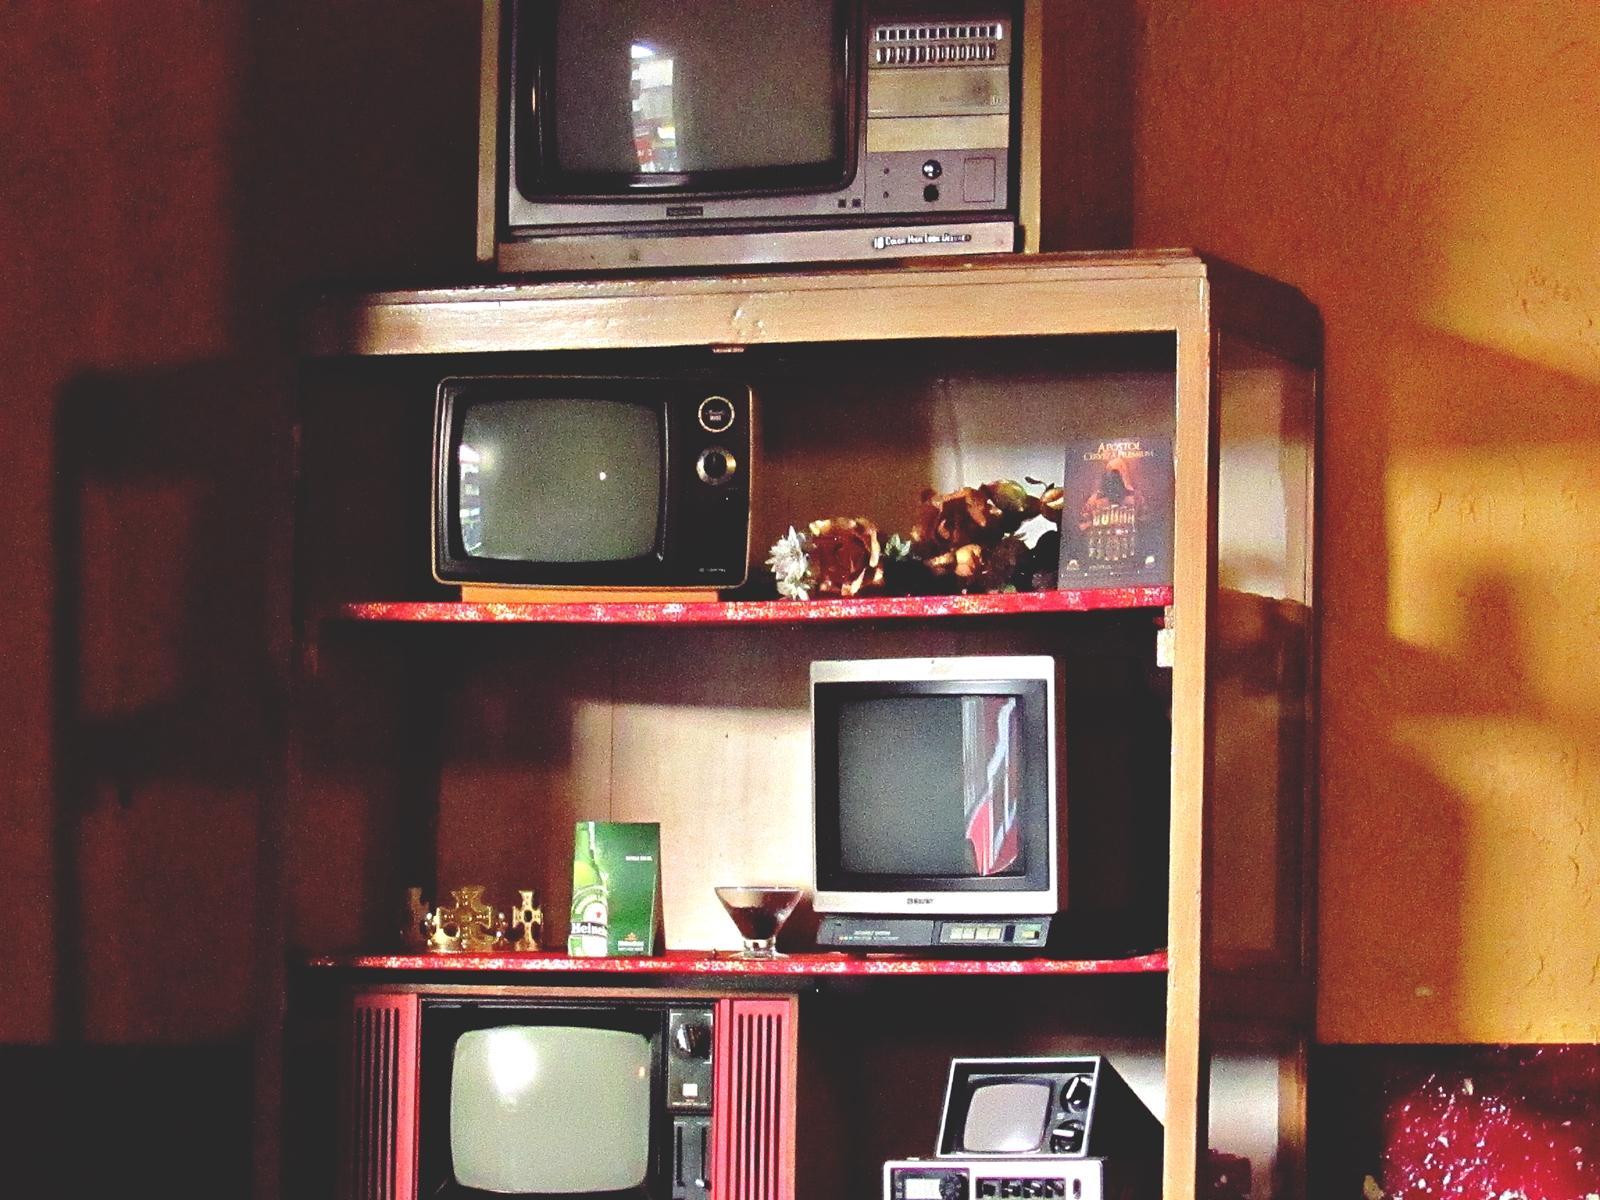 Fond D Cran Vieux Caf Canon La Technologie Cru Tag Re  # Meuble Tv Voyage